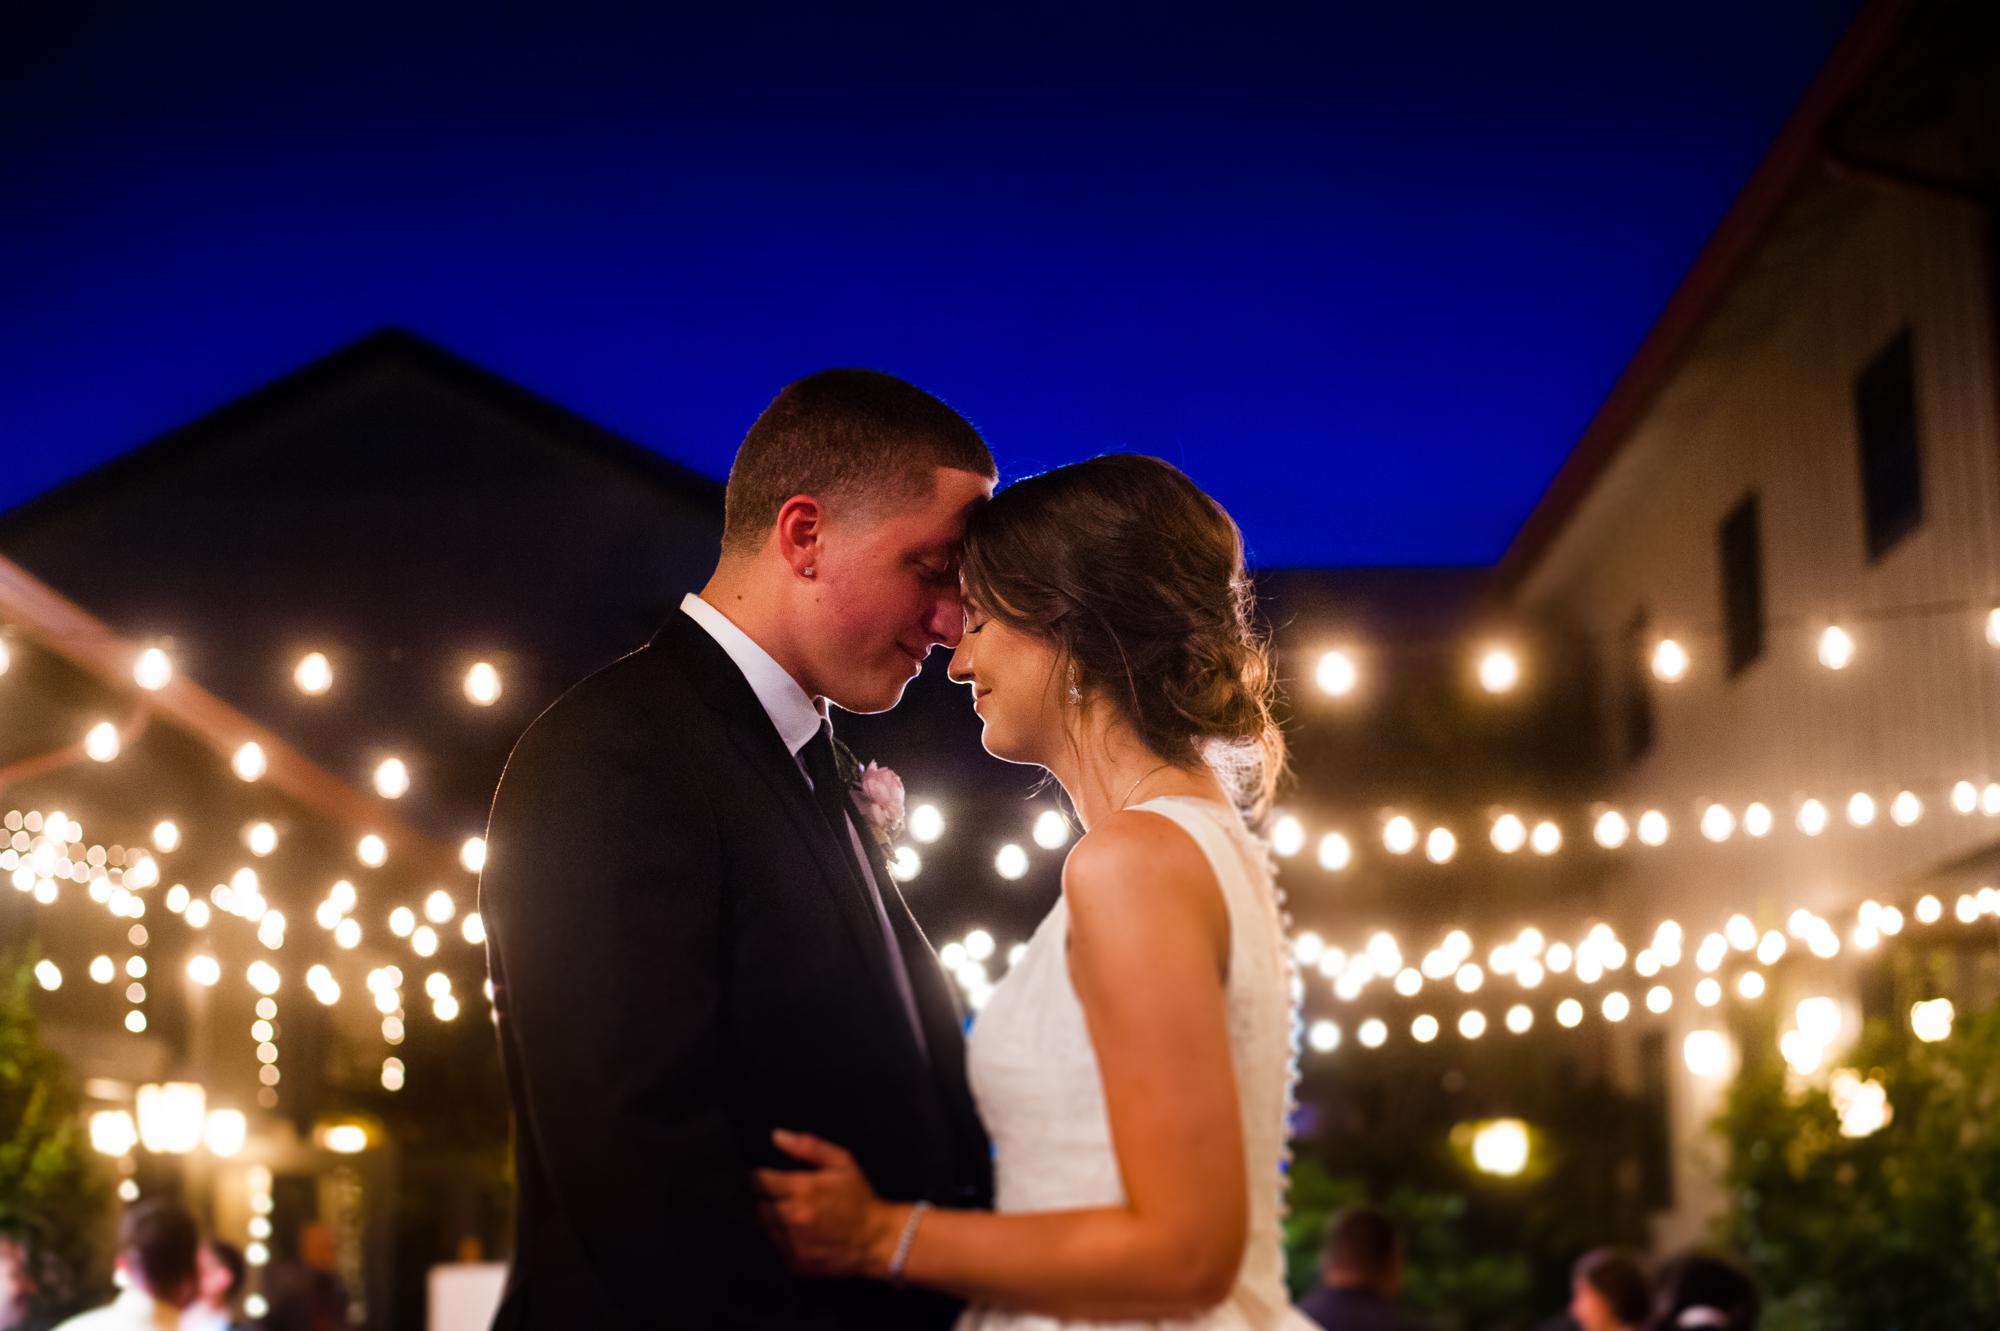 Lioncrest at Biltmore wedding portrait